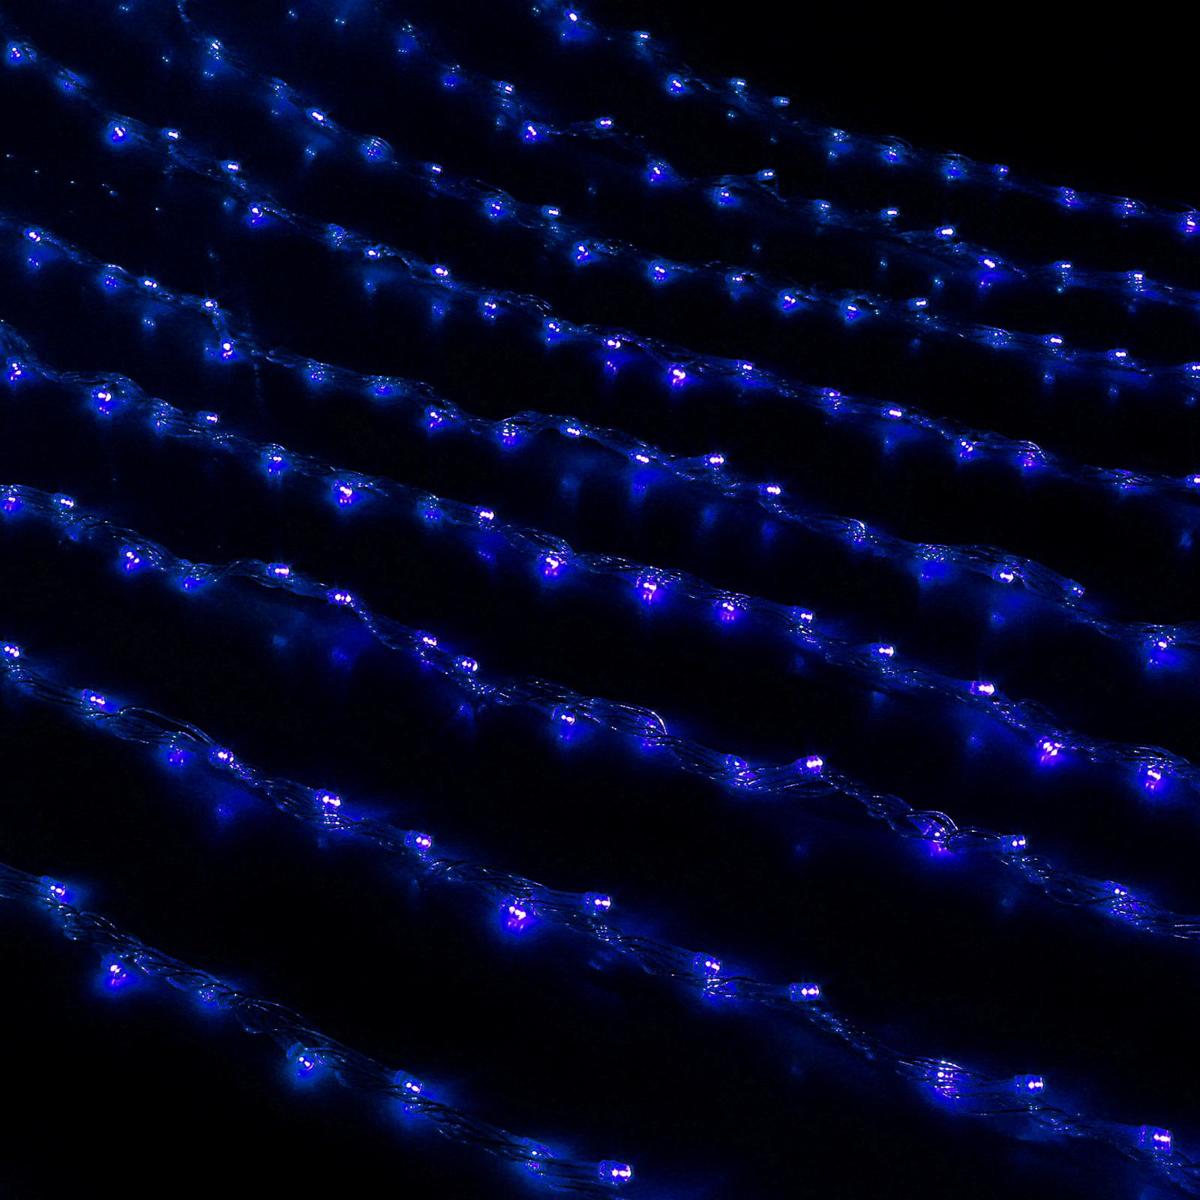 Гирлянда светодиодная Luazon Дождь, цвет: синий, 800 ламп, 8 режимов, 220 V, 2 х 3 м. 705971705971Светодиодные гирлянды и ленты — это отличный вариант для новогоднего оформления интерьера или фасада. С их помощью помещение любого размера можно превратить в праздничный зал, а внешние элементы зданий, украшенные ими, мгновенно станут напоминать очертания сказочного дворца. Такие украшения создают ауру предвкушения чуда. Деревья, фасады, витрины, окна и арки будто специально созданы, чтобы вы украсили их светящимися нитями.